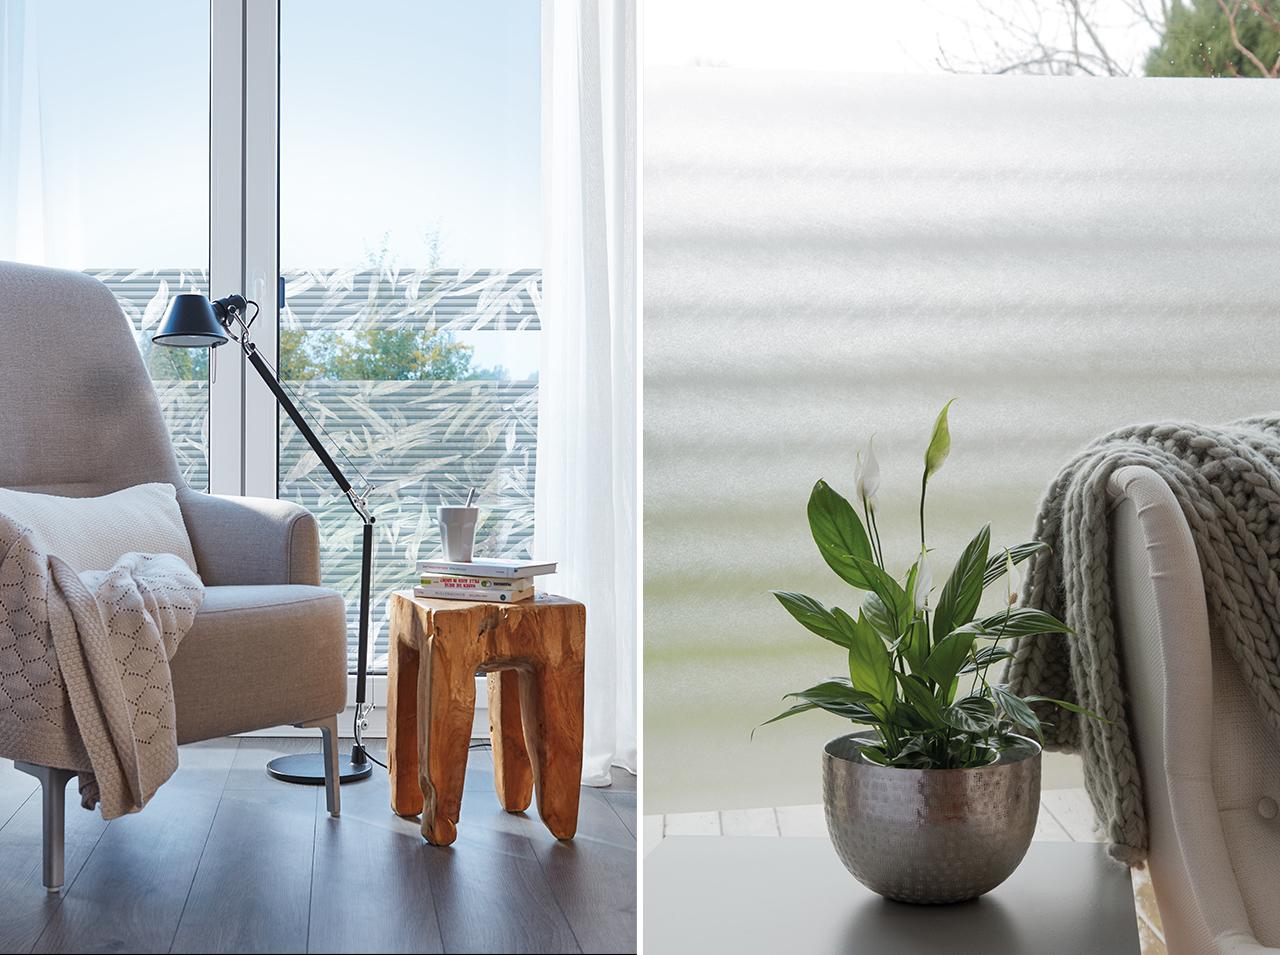 Full Size of Sichtschutz Fenster Innen Kleben Elektrisch Plissee Ikea Ideen Sichtschutzfolie Anbringen Moderne Einseitig Durchsichtig Obi D C Home Schne Aussichten Gestalte Fenster Fenster Sichtschutz